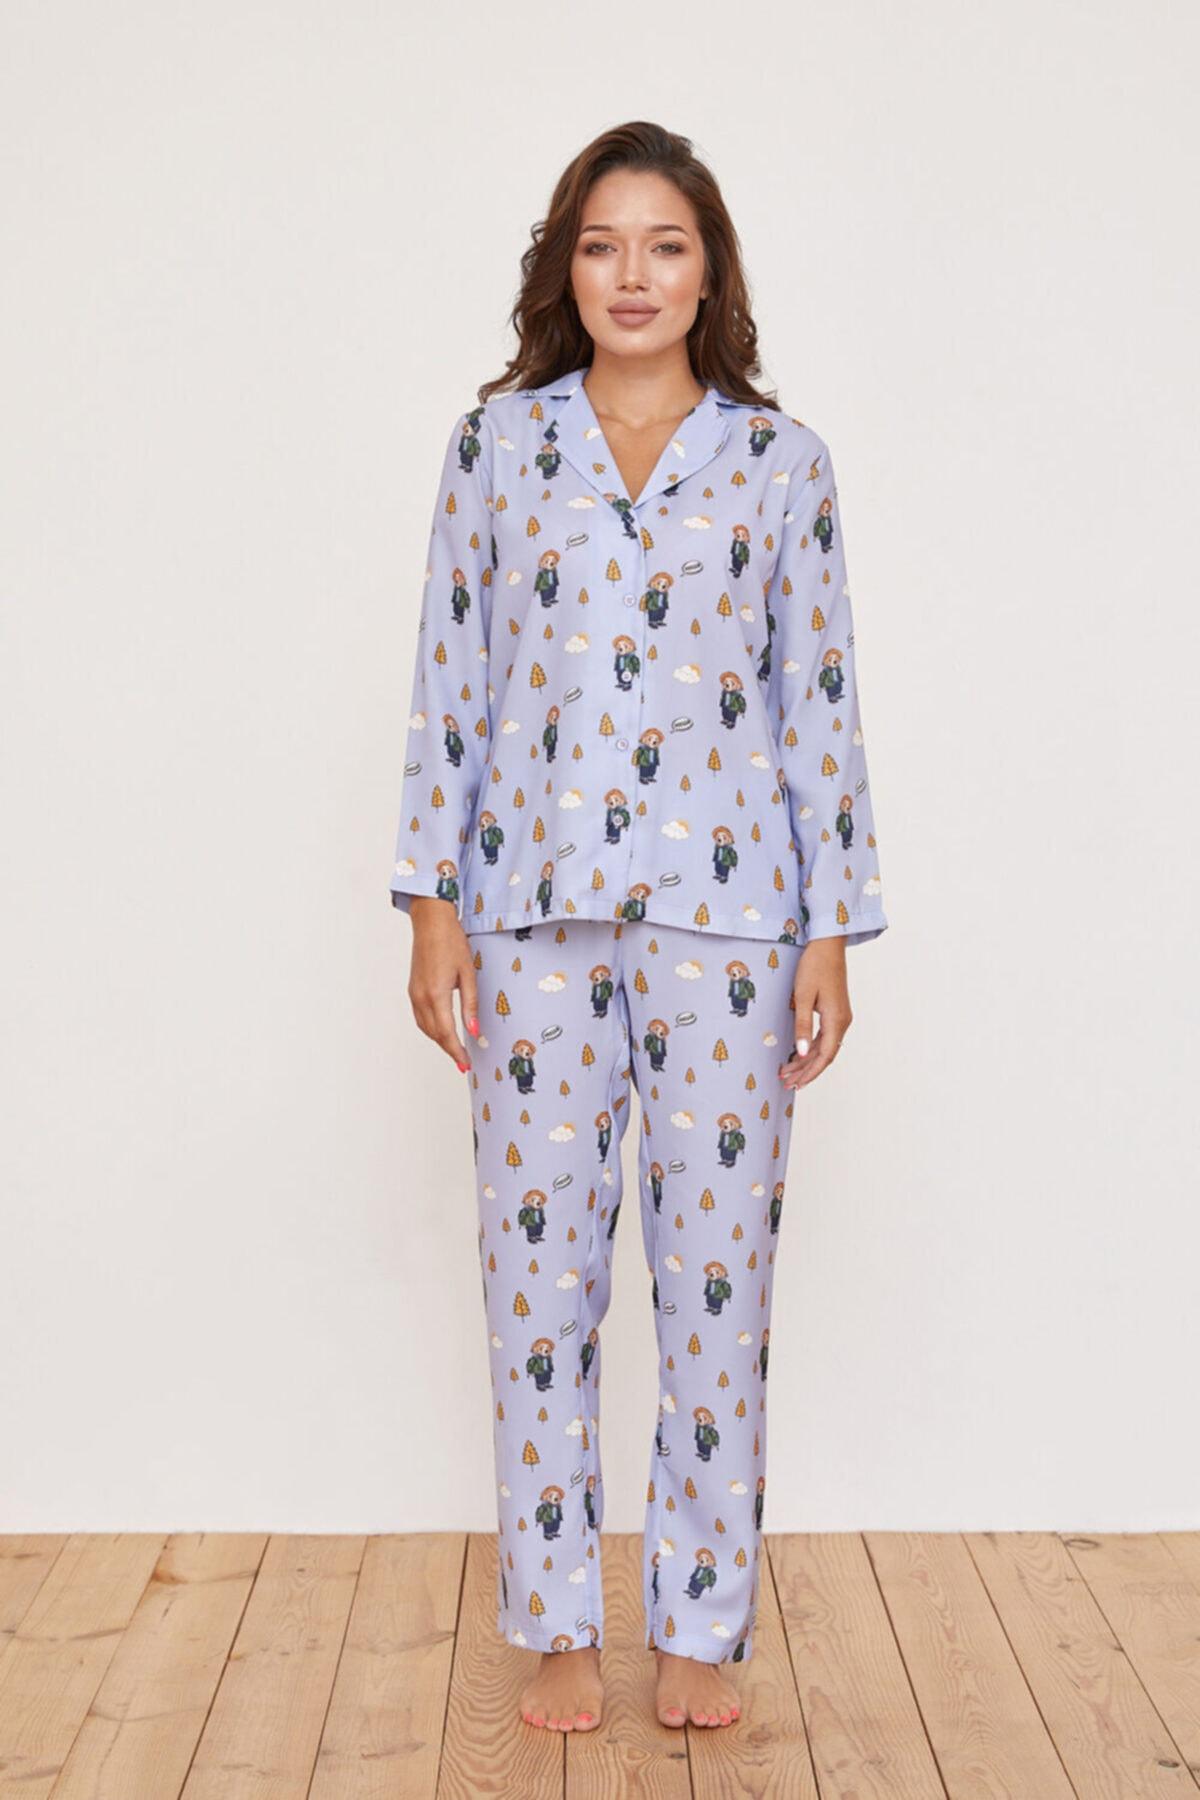 Katia&Bony Hello Camping Teddy Bear Baskılı Ipek Saten Apreli Kadın Pijama Takımı - Lila 2